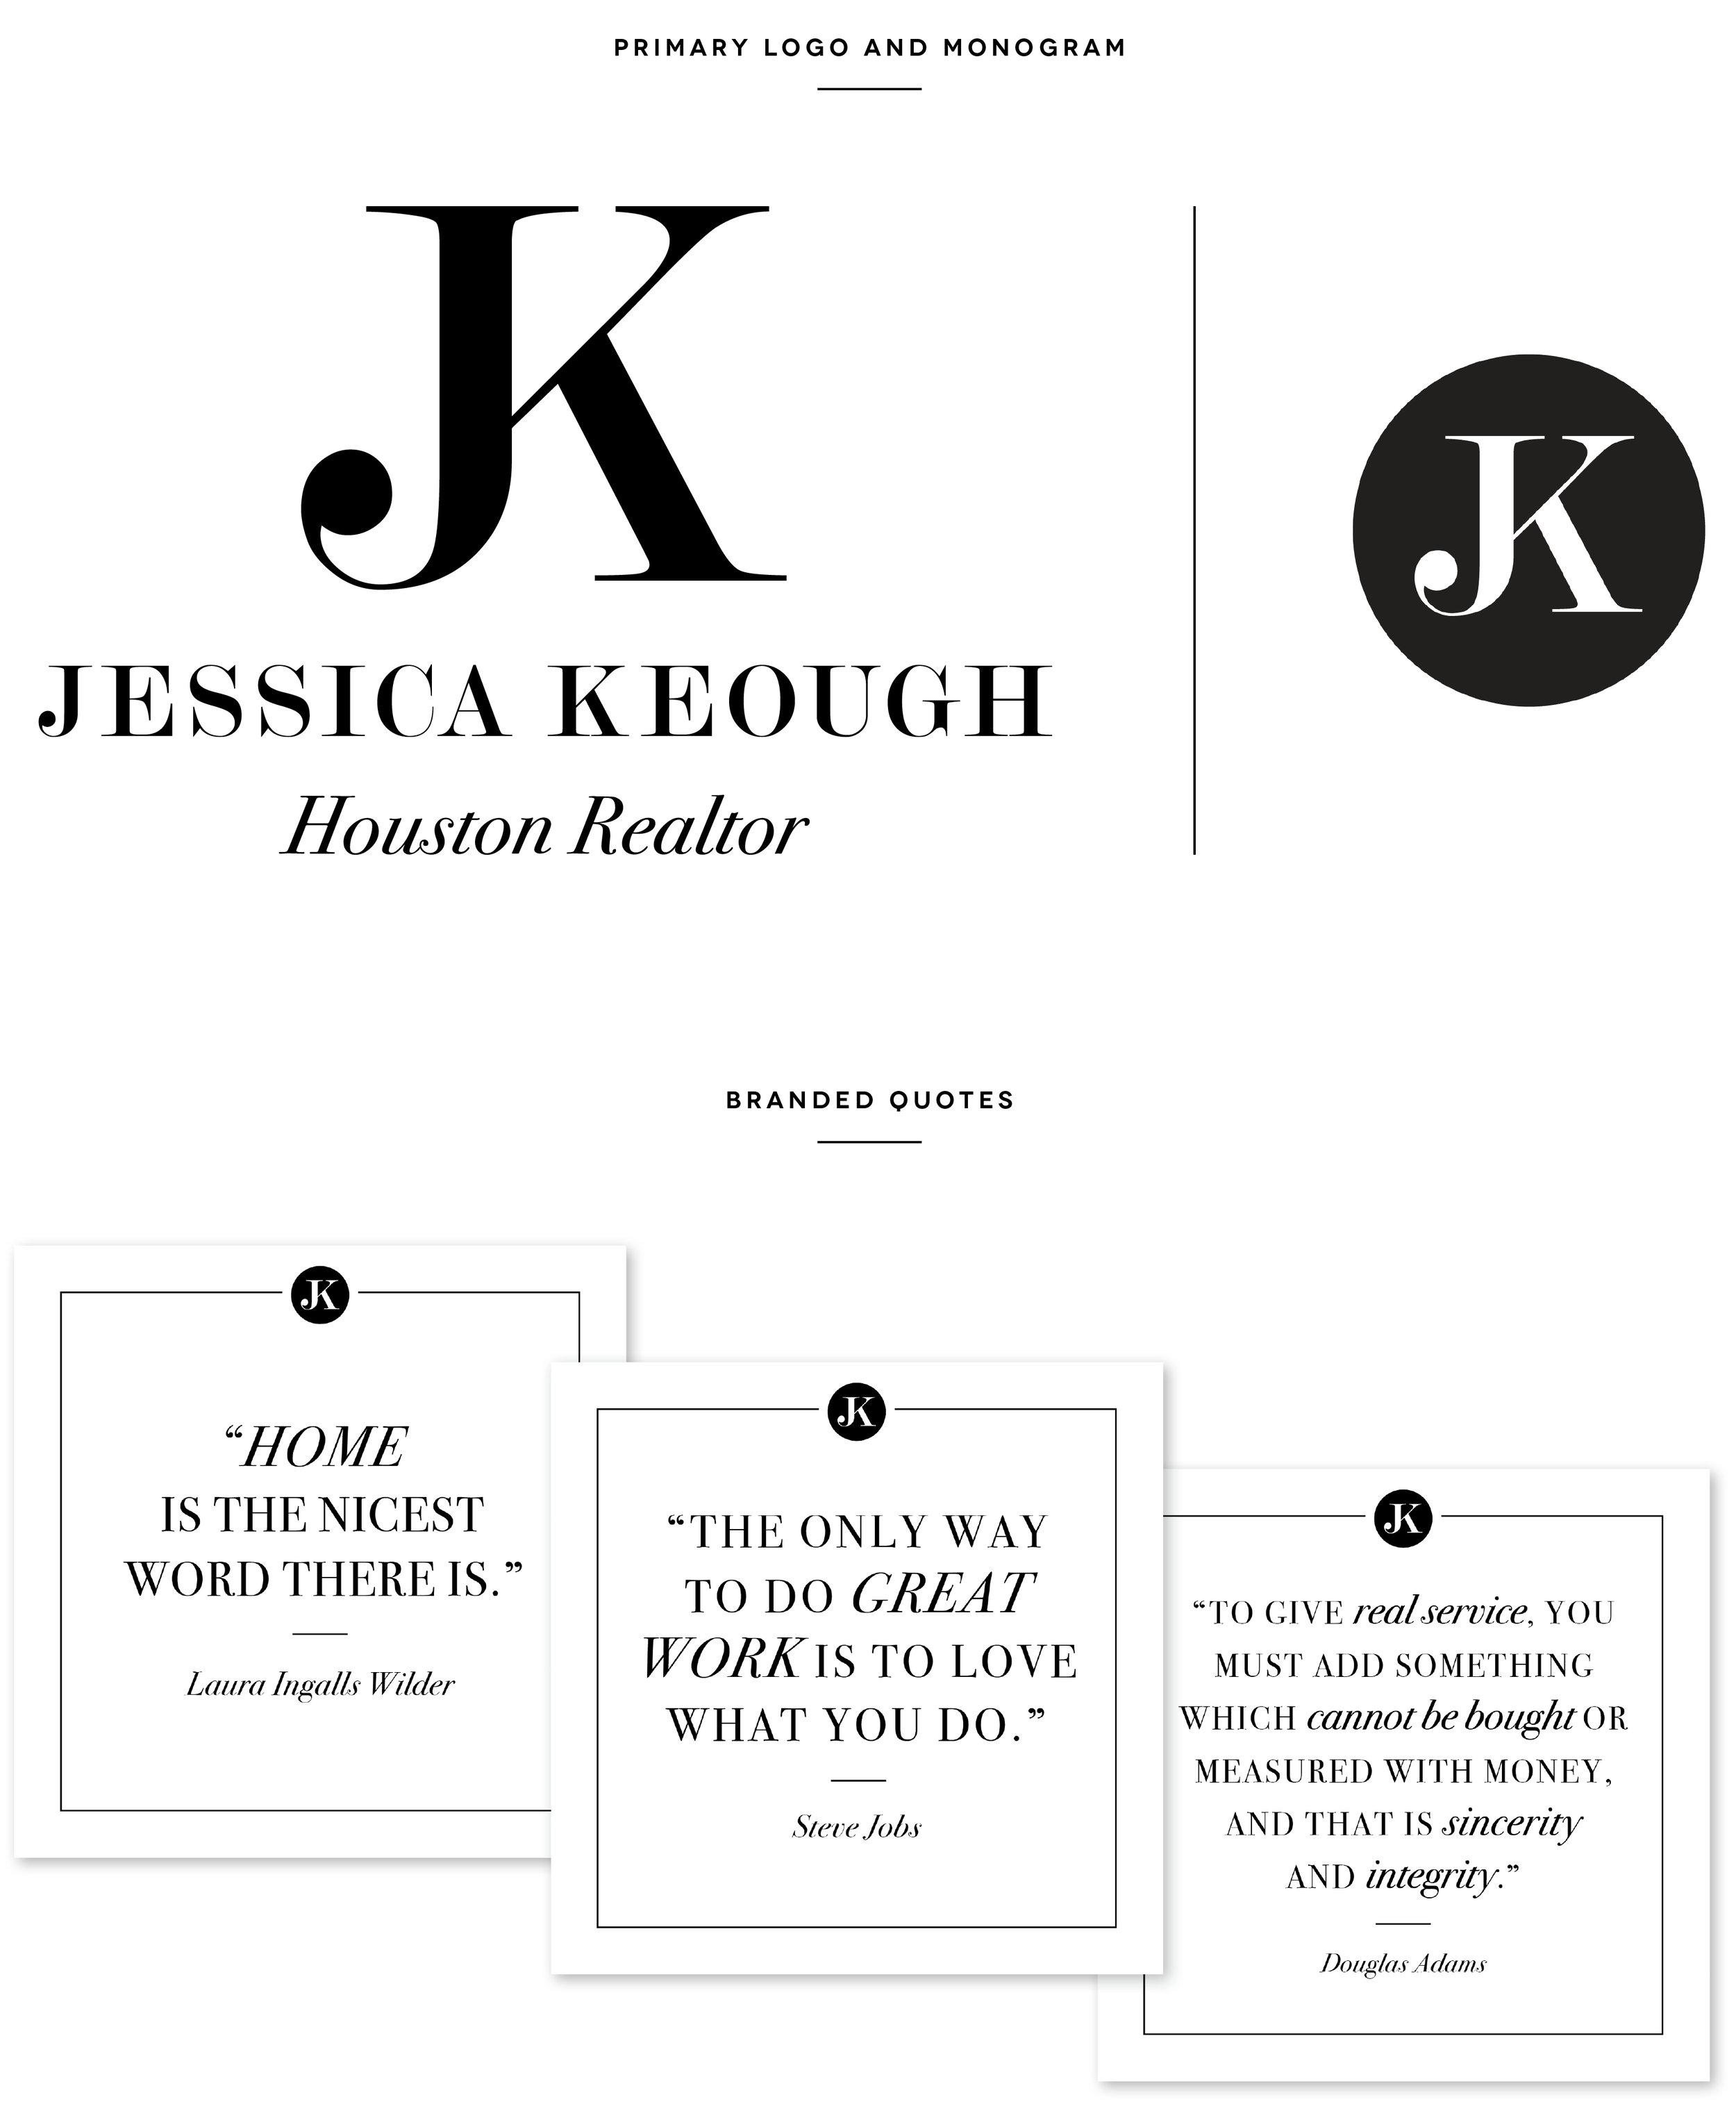 JK website.jpg